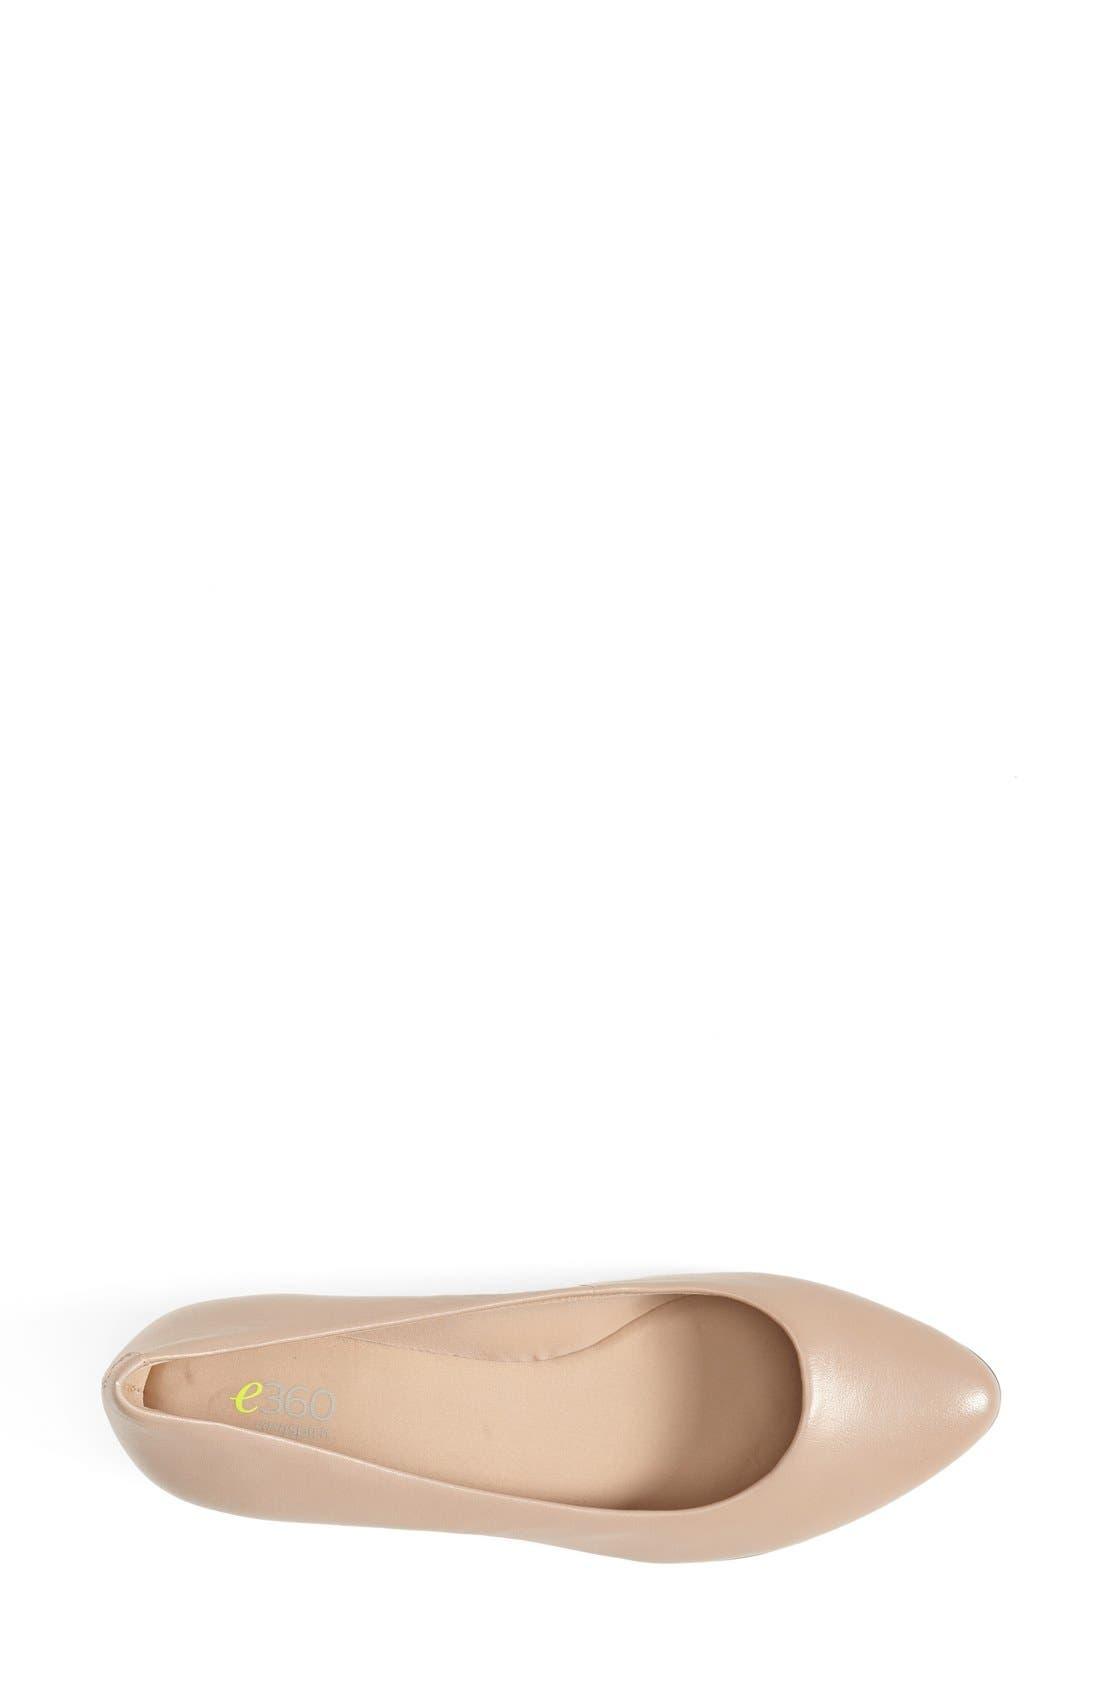 Alternate Image 3  - Easy Spirit 'e360 - Avery' Leather Flat (Women)